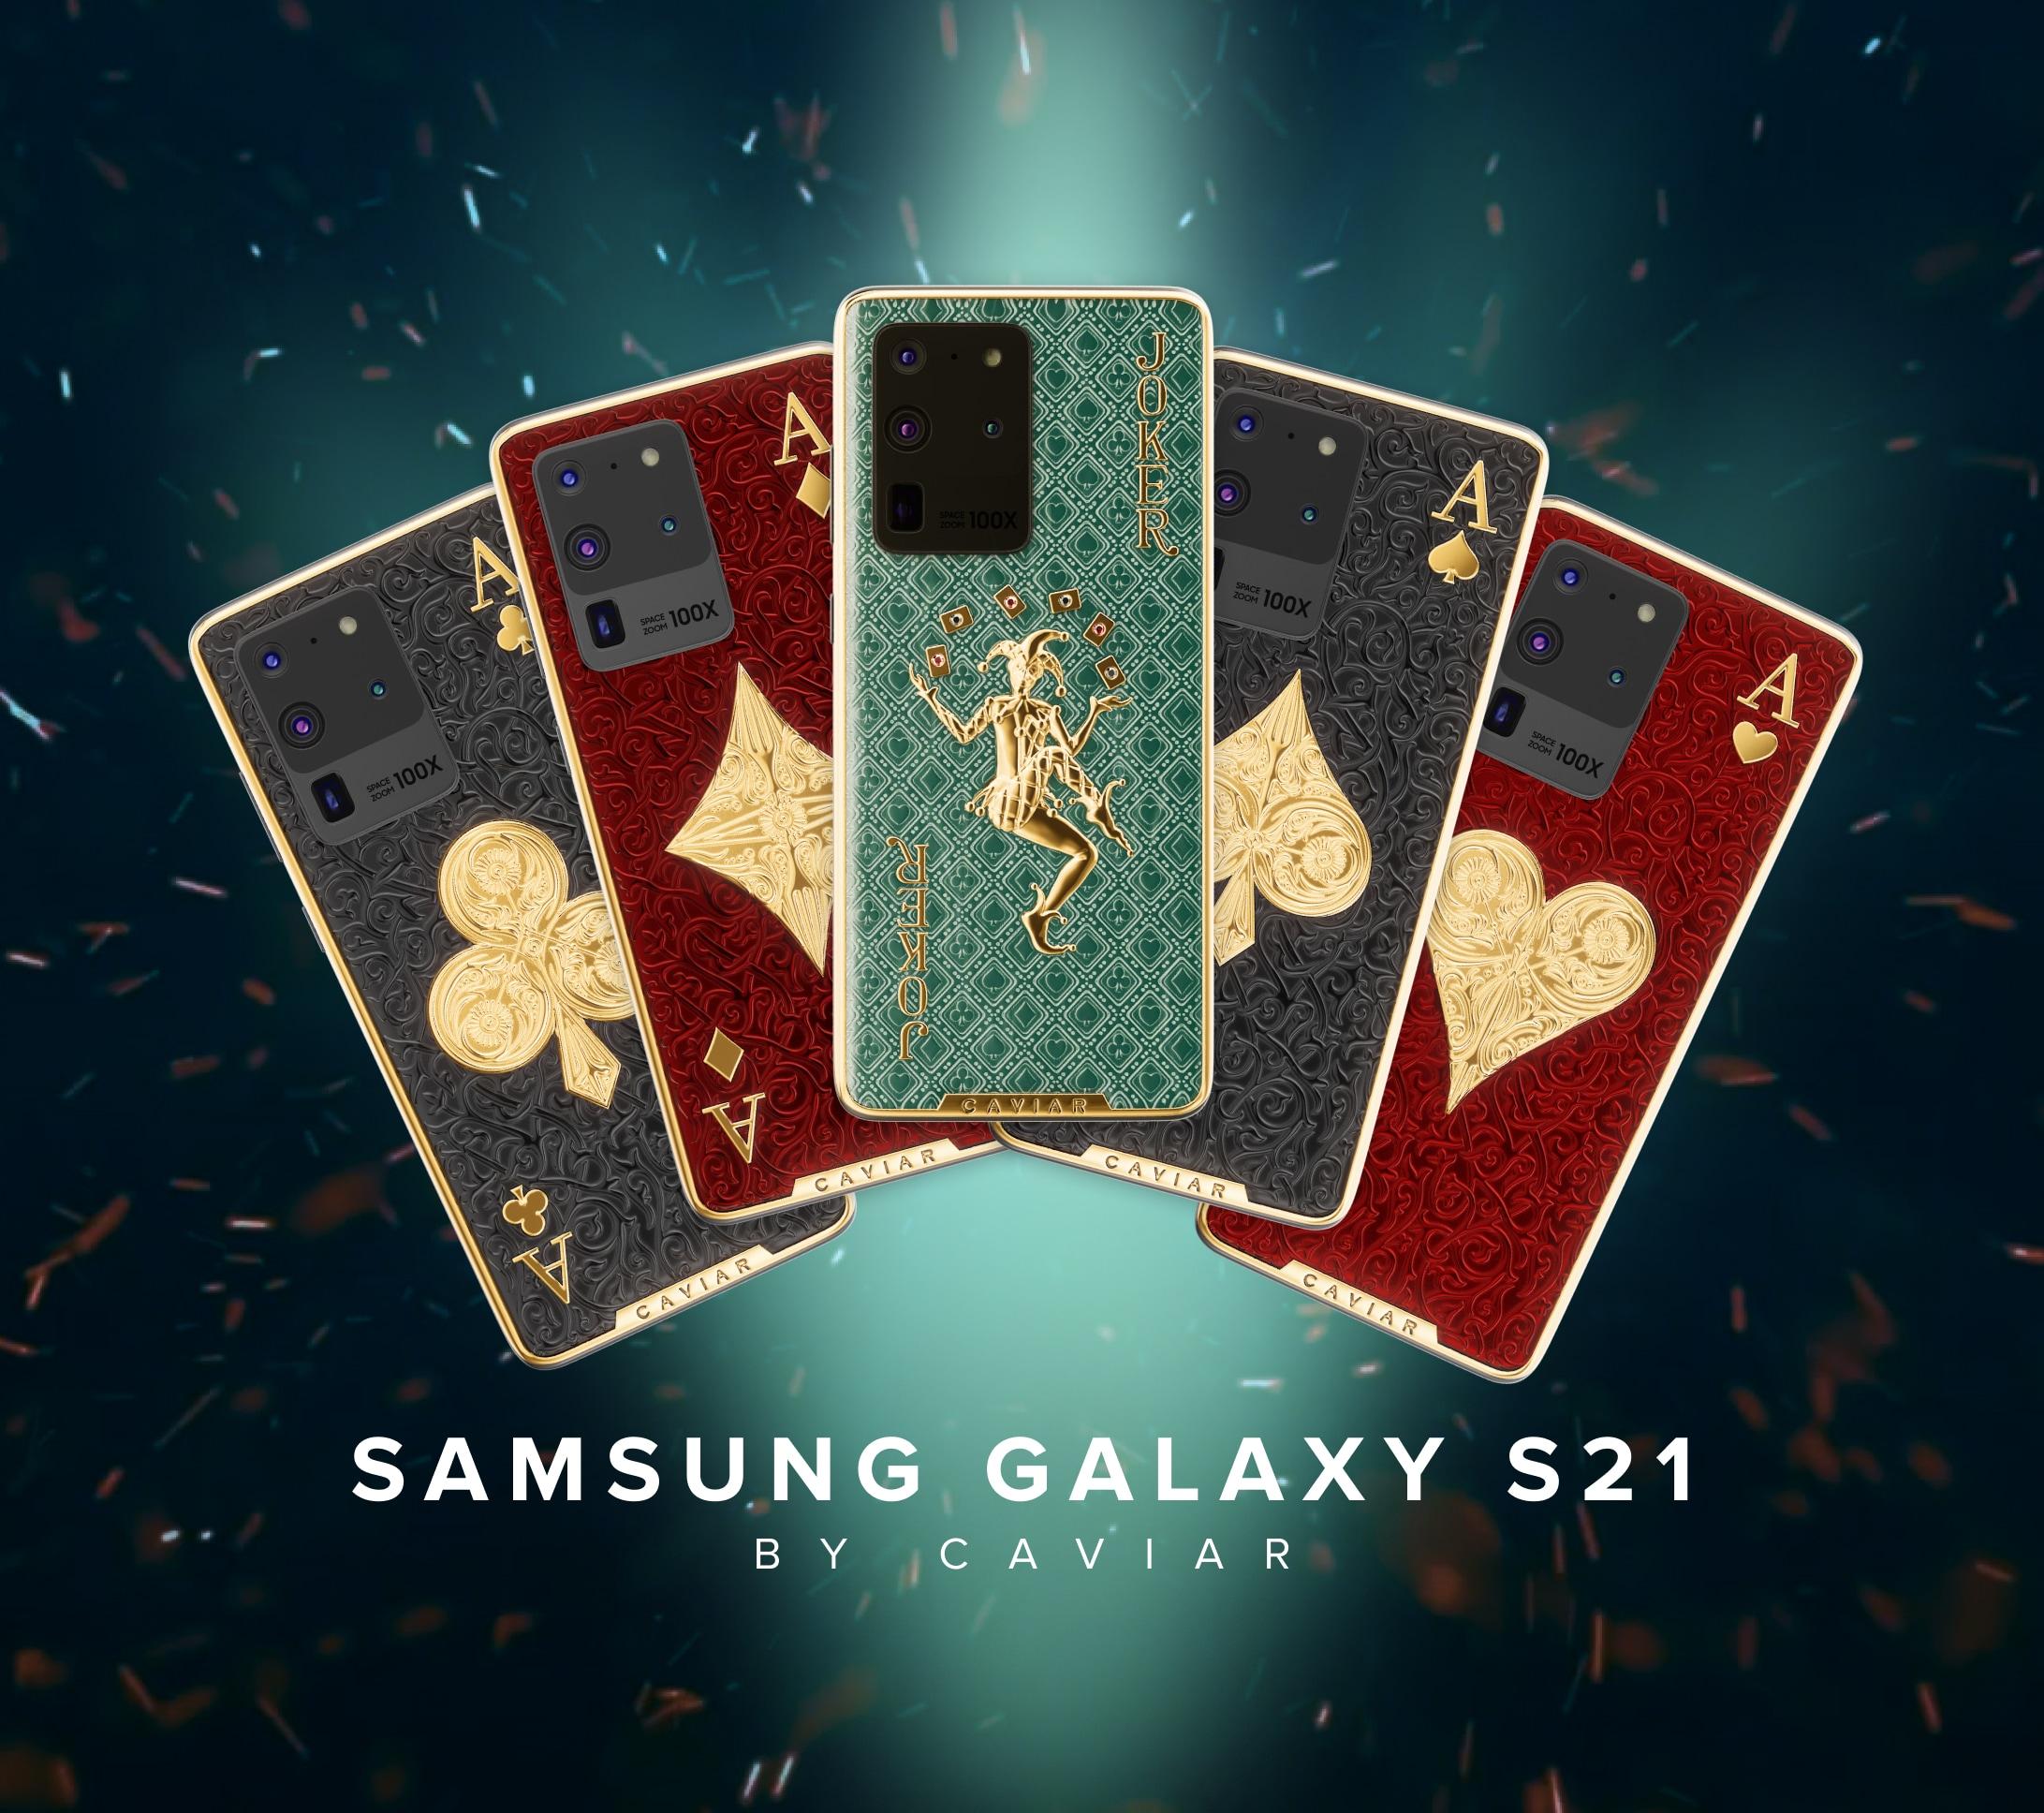 Samsung fa 20, Caviar fa 21! Ecco Galaxy S21 Ultra, il nuovo re degli smartphone tamarri (foto)